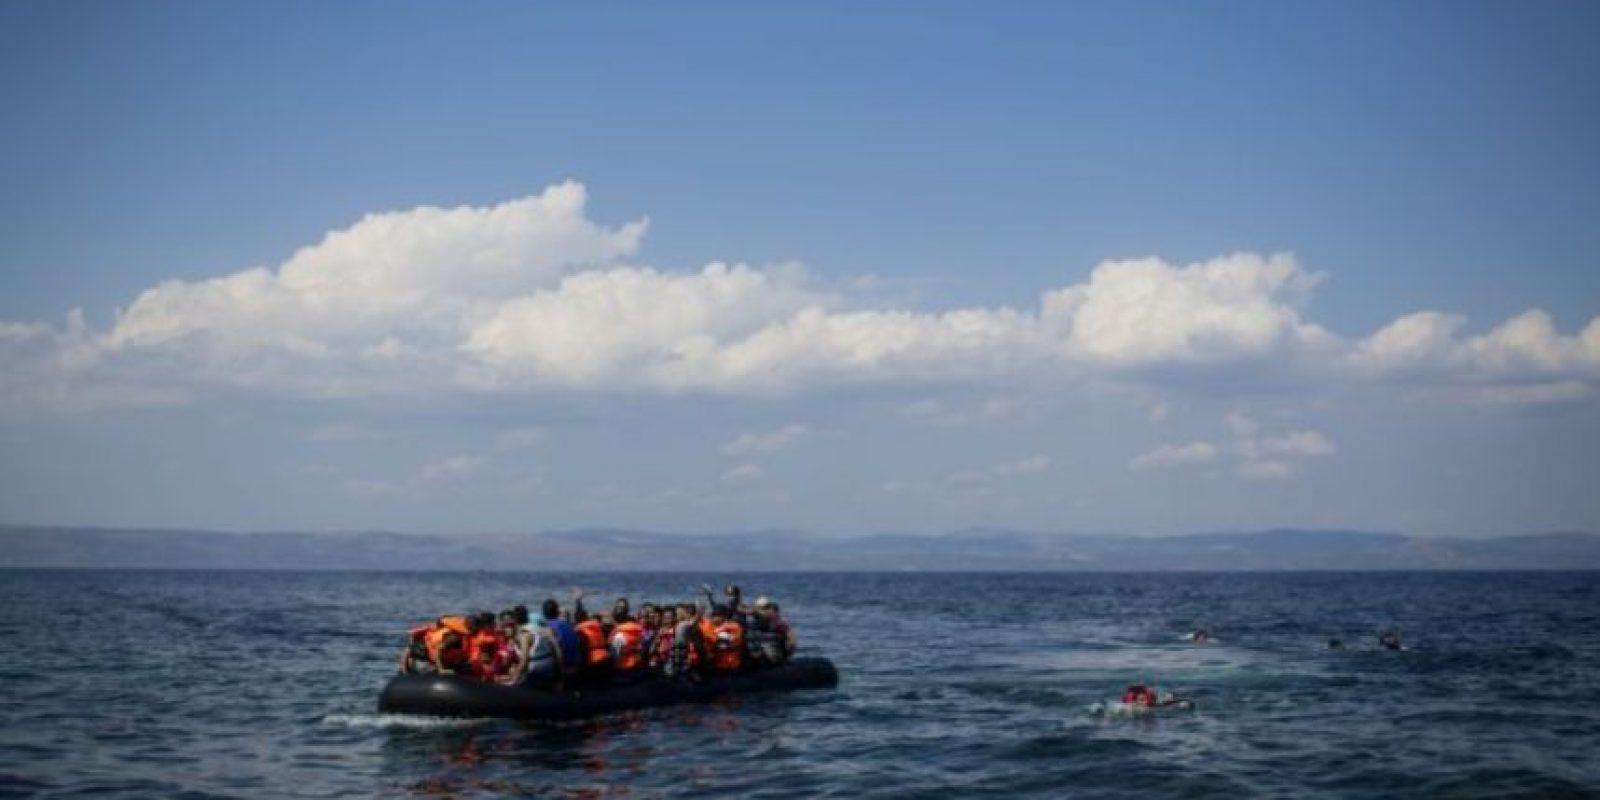 """De acuerdo con el medio británico """"BBC"""", el pueblo kurdo es una minoría étnica compuesta por más de 30 millones de personas. Estos comparten una lengua y cultura propia. Dicho medio establece que se dividen entre los países de Turquía, Siria, Irak e Irán. Foto:Getty Images"""